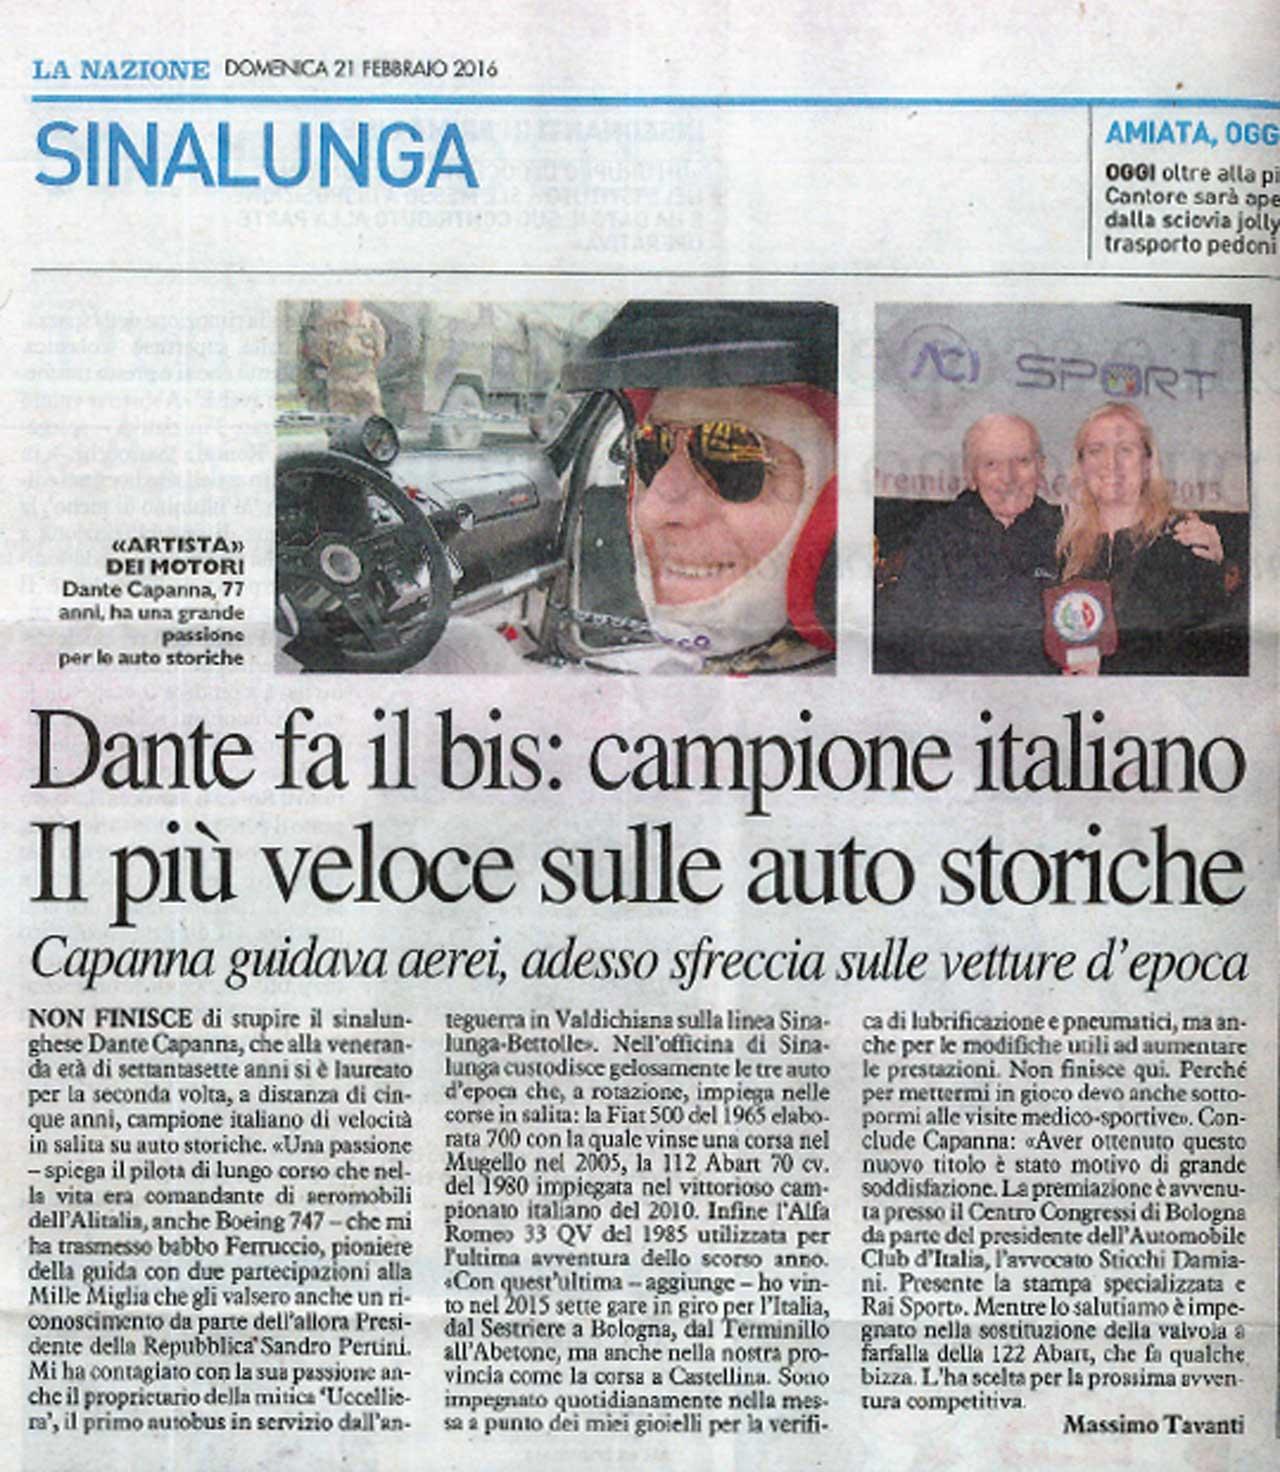 Articolo-Dante-Capanna-Scuderia-Campidoglio-Campione